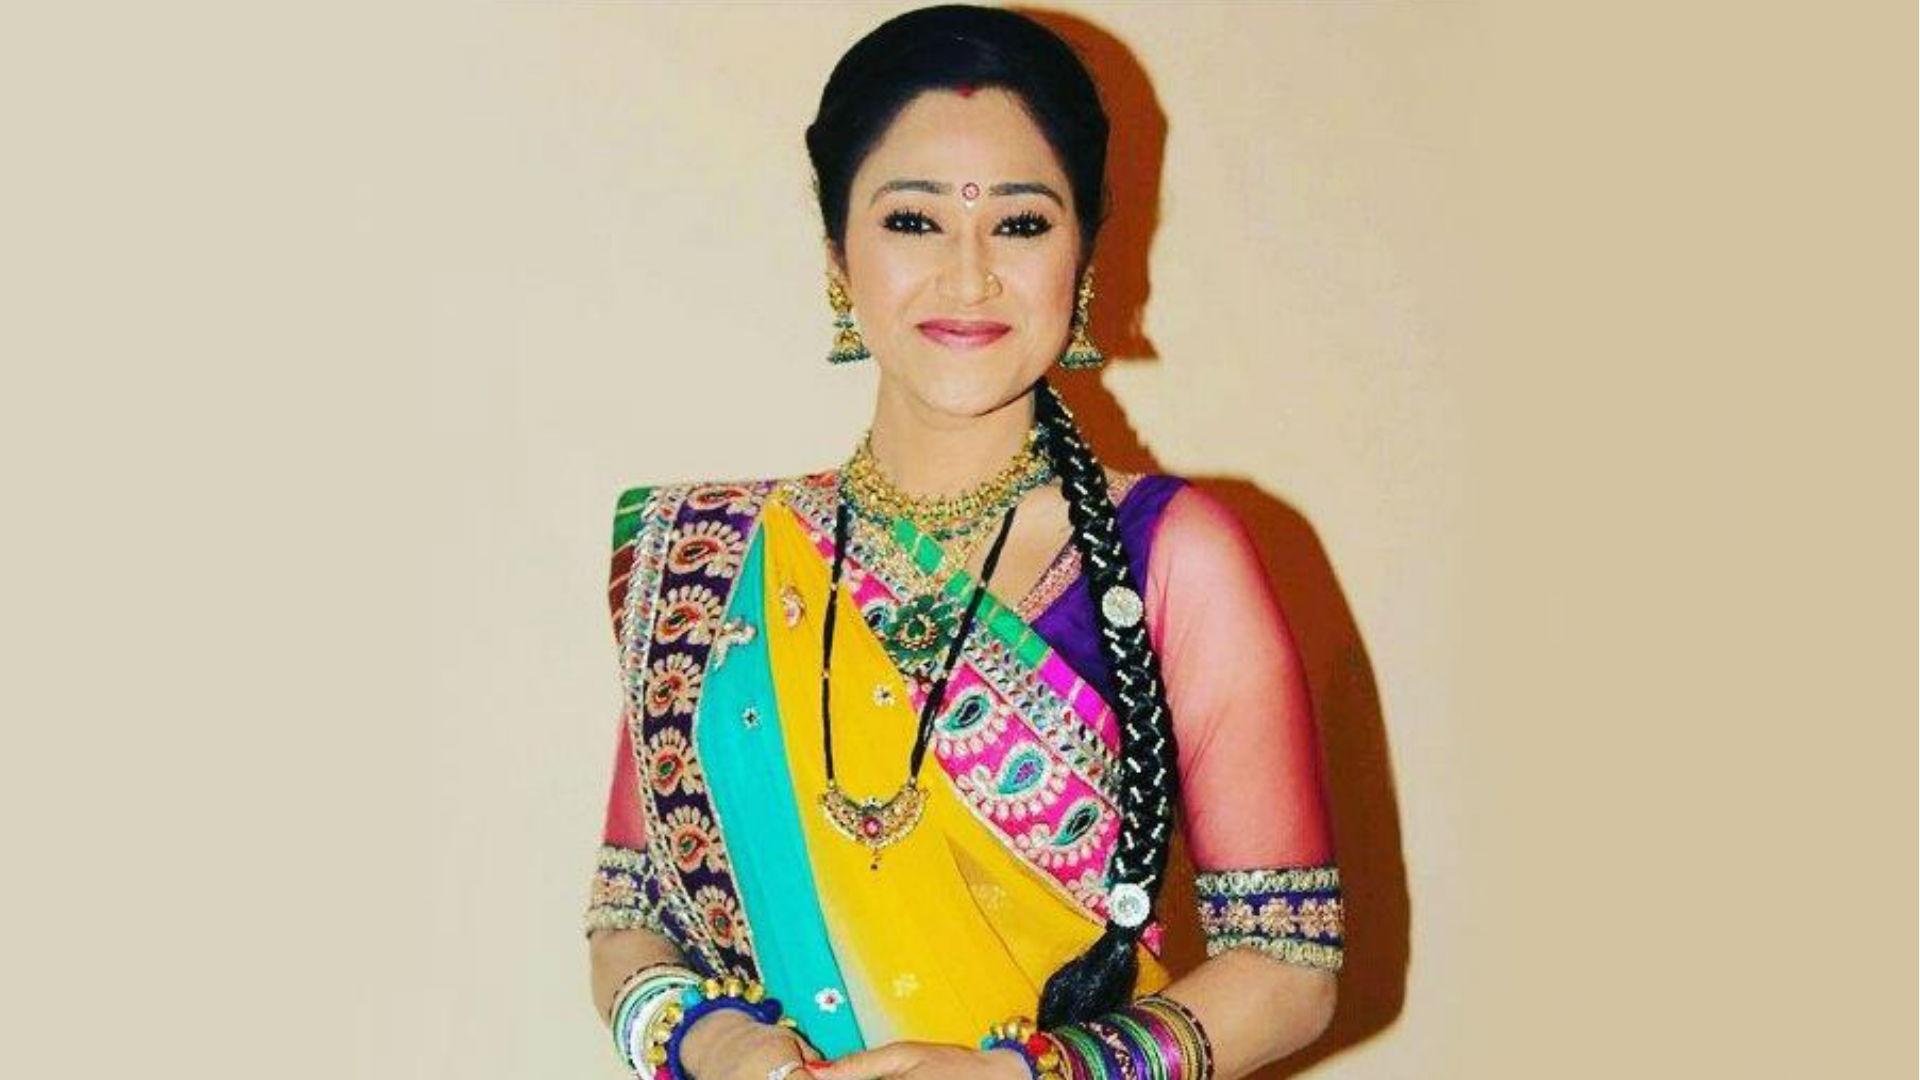 Taarak Mehta Ka Ooltah Chashmah: सीरियल में नहीं होगी दिशा वकानी की वापसी, पति मयूर पाडिया ने बताई वजह